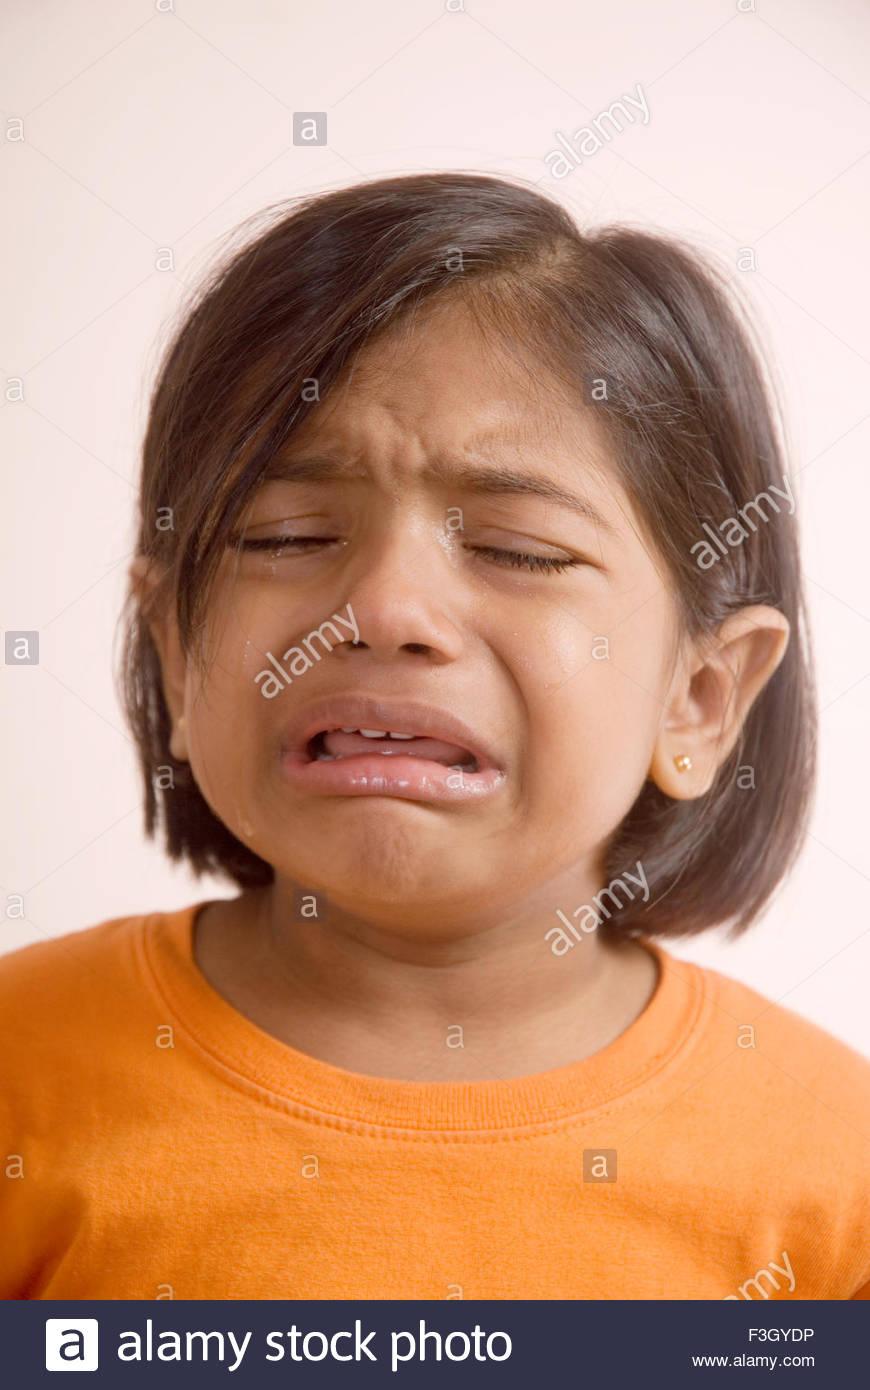 Crying Girl Indian Stock Photos & Crying Girl Indian Stock ...